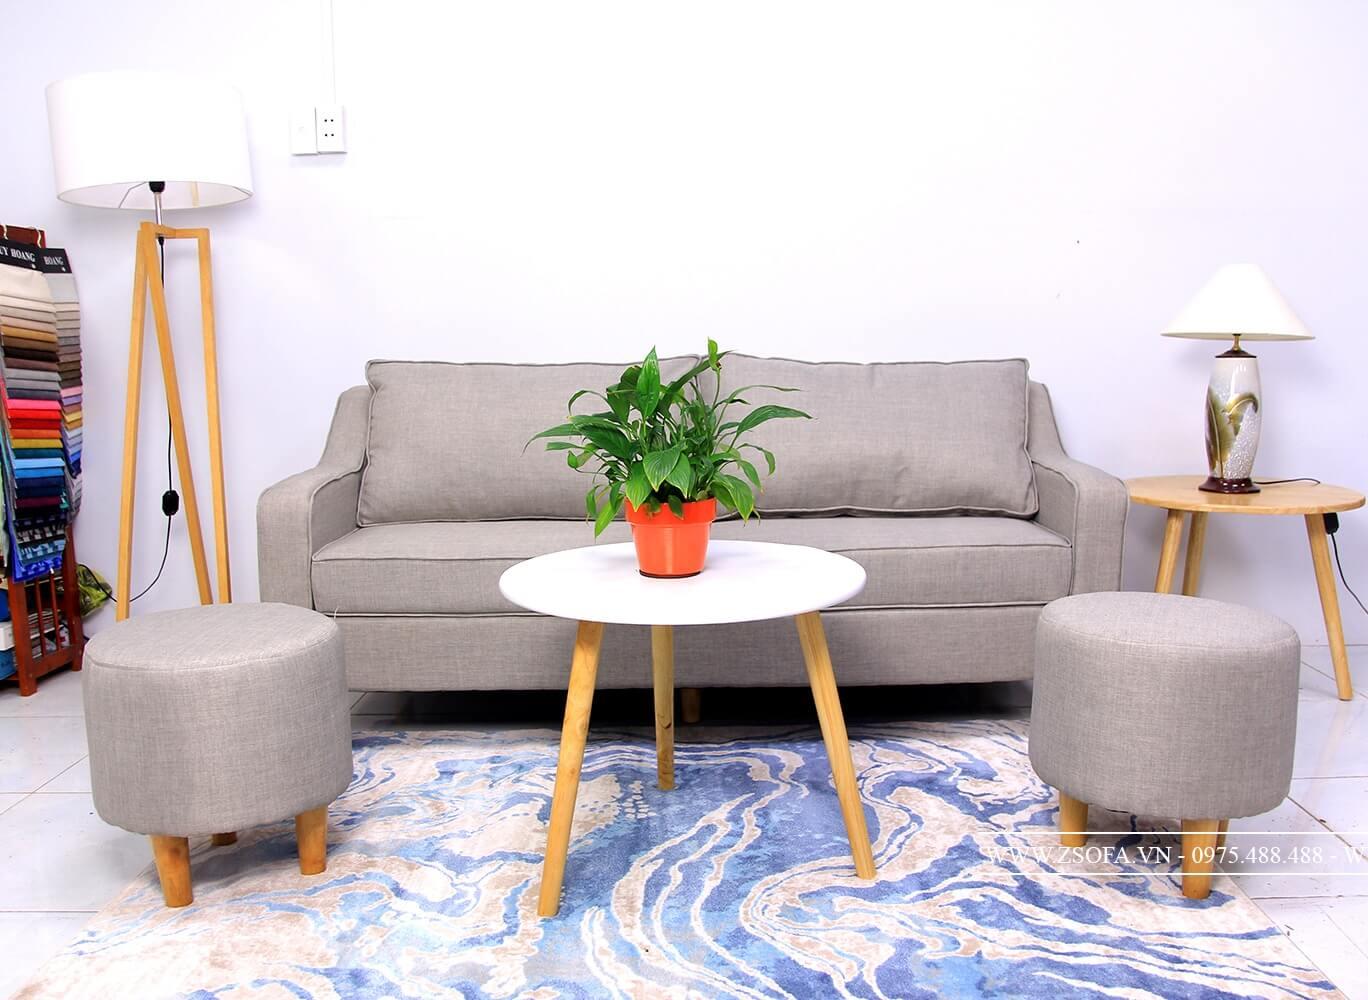 Tìm mua ghế khung sắt lót nệm tốt nhất cho phòng khách